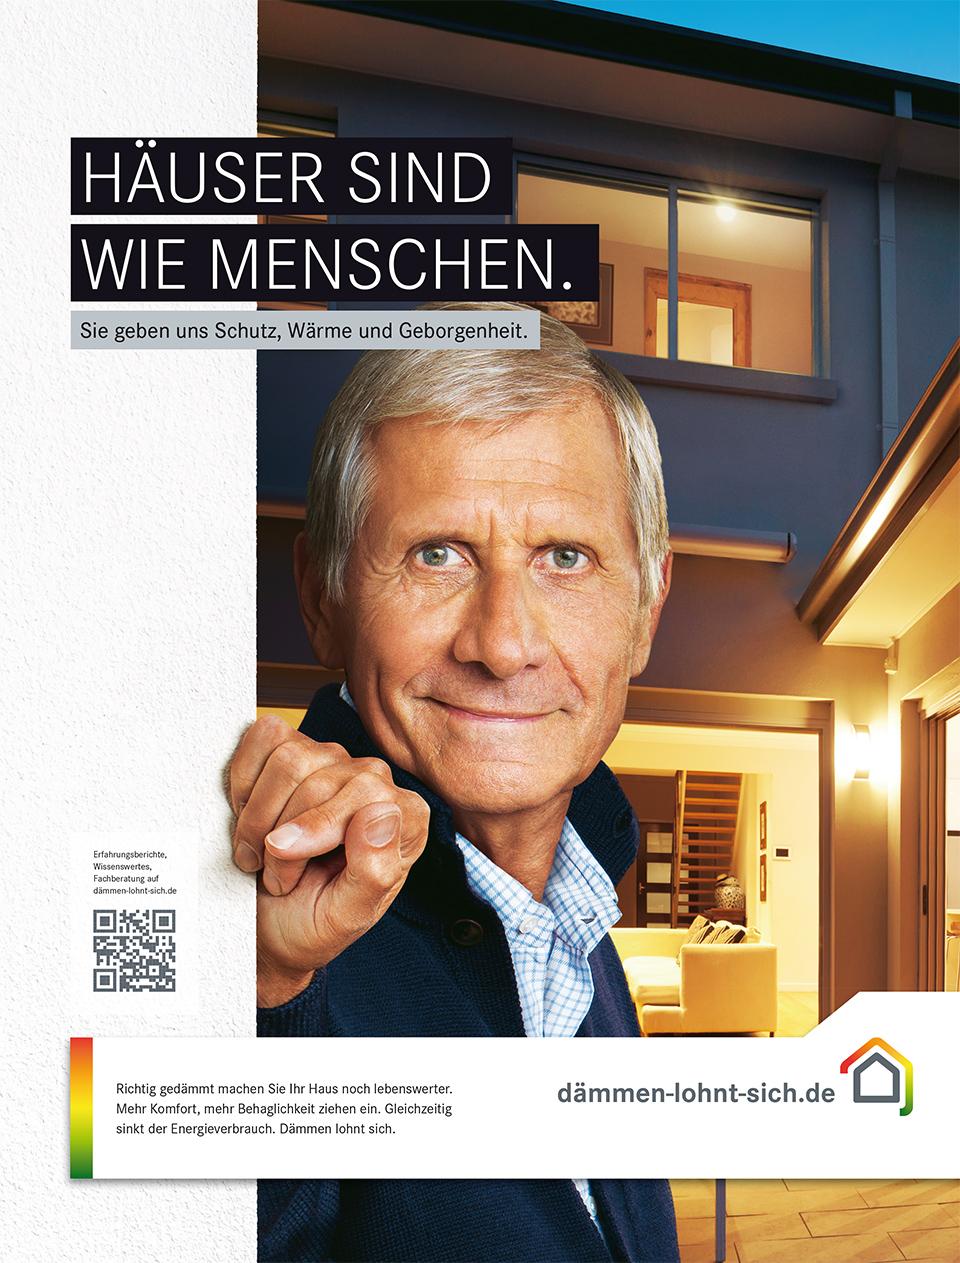 Ulrich Wickert für Dämmen-lohnt-sich